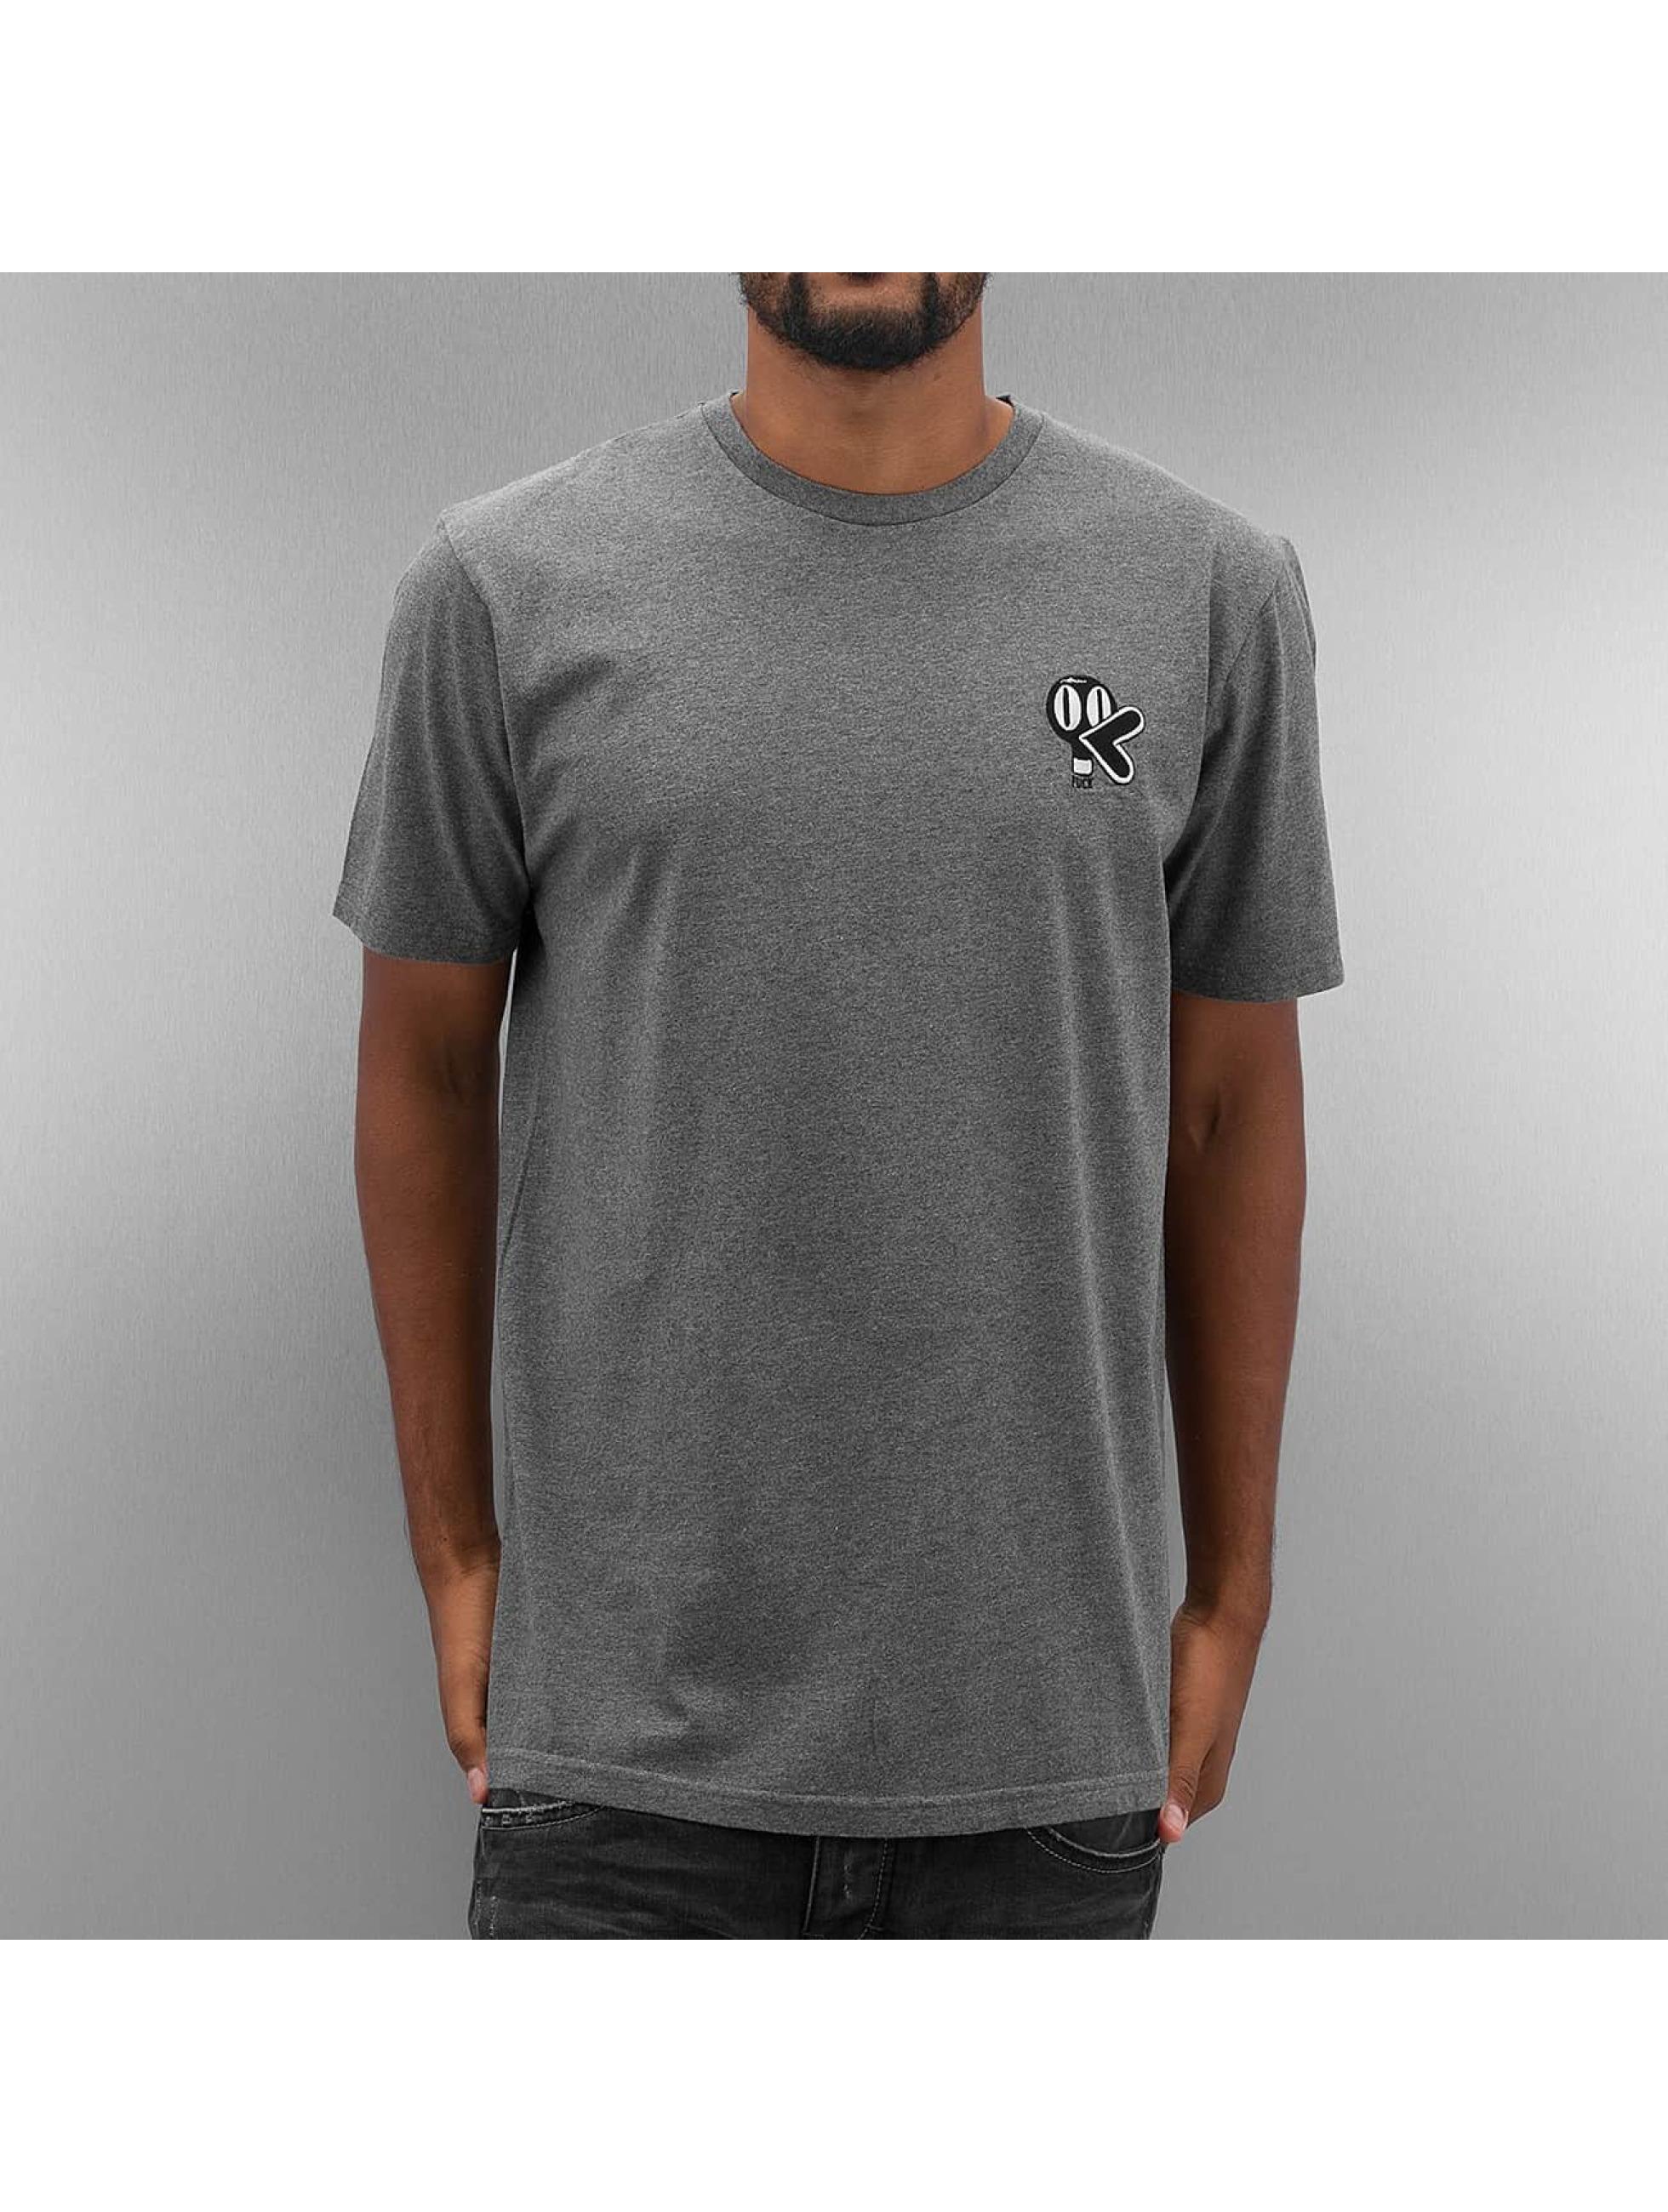 The Dudes T-Shirt Duck gris